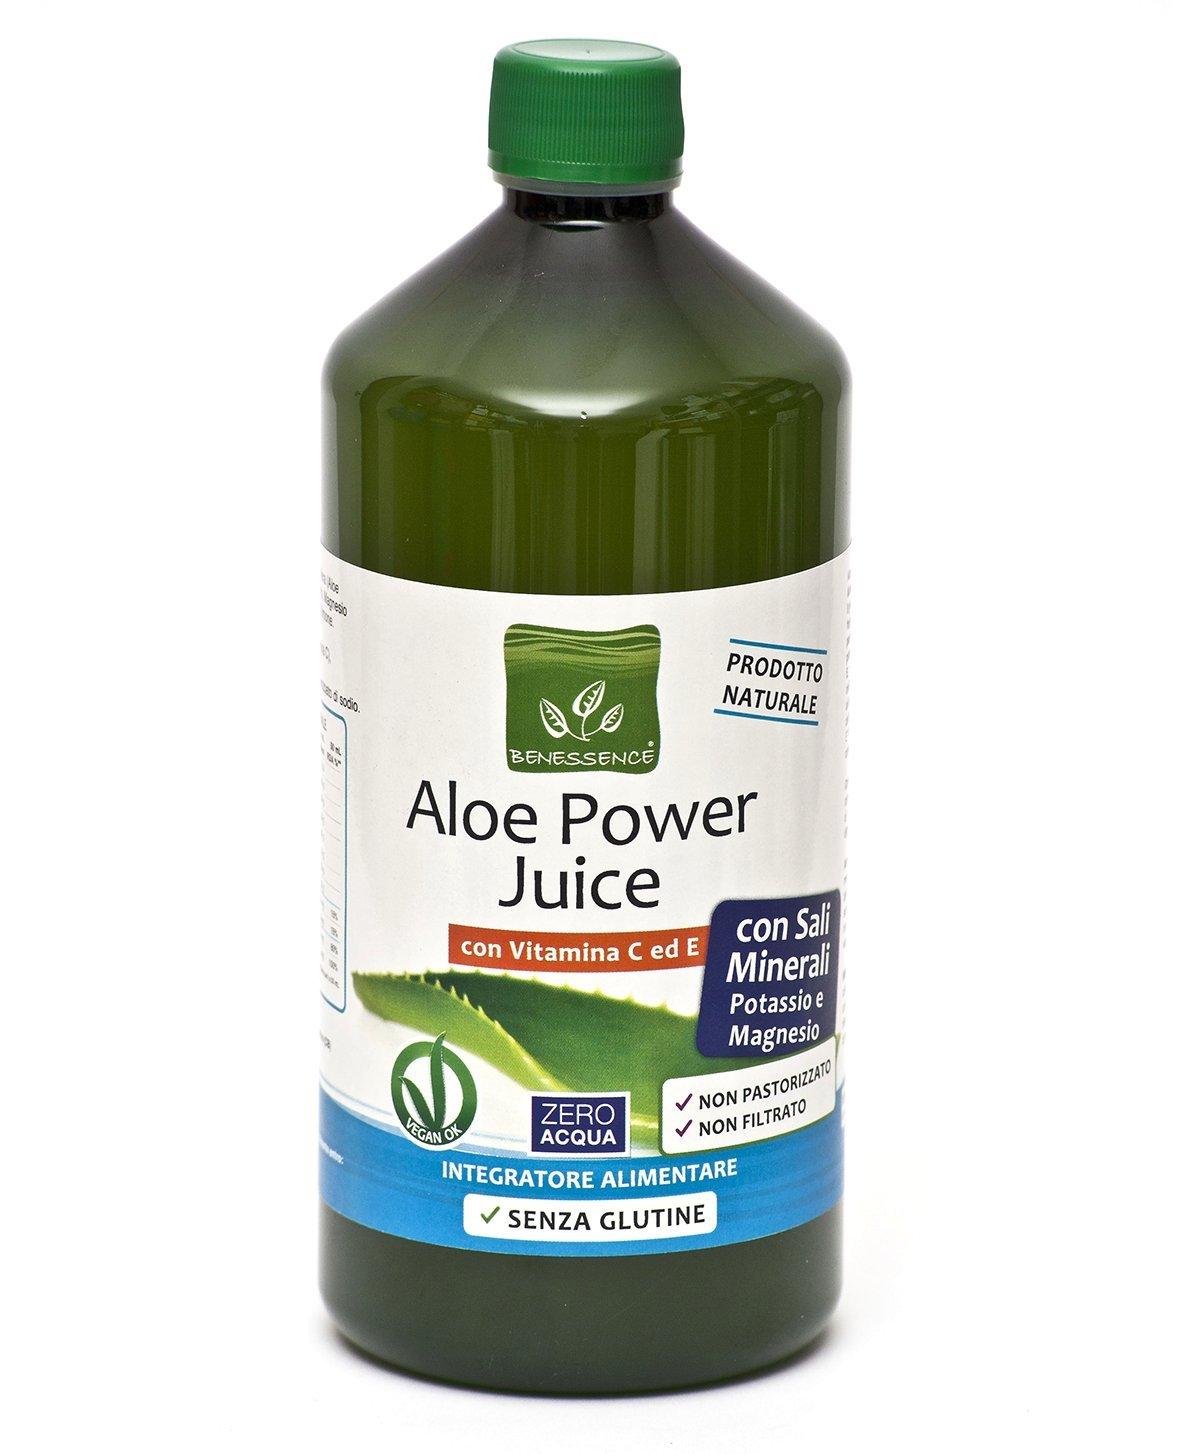 ALOE POWER JUICE - sales minerales con potasio y magnesio con la vitamina C y E 1000 ml - PRODUCTO ITALIANO: Amazon.es: Salud y cuidado personal